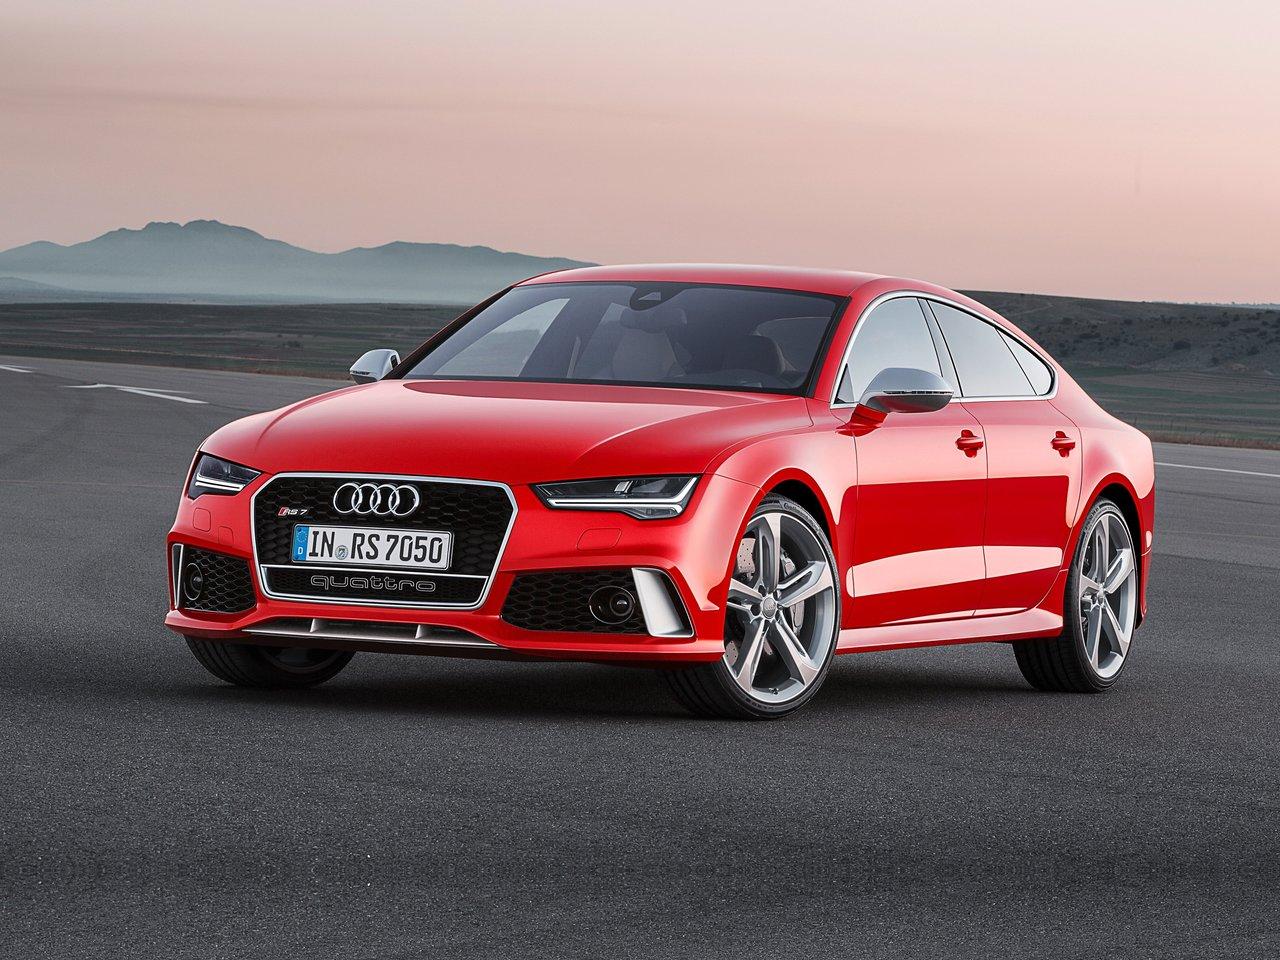 Снимки: Audi RS7